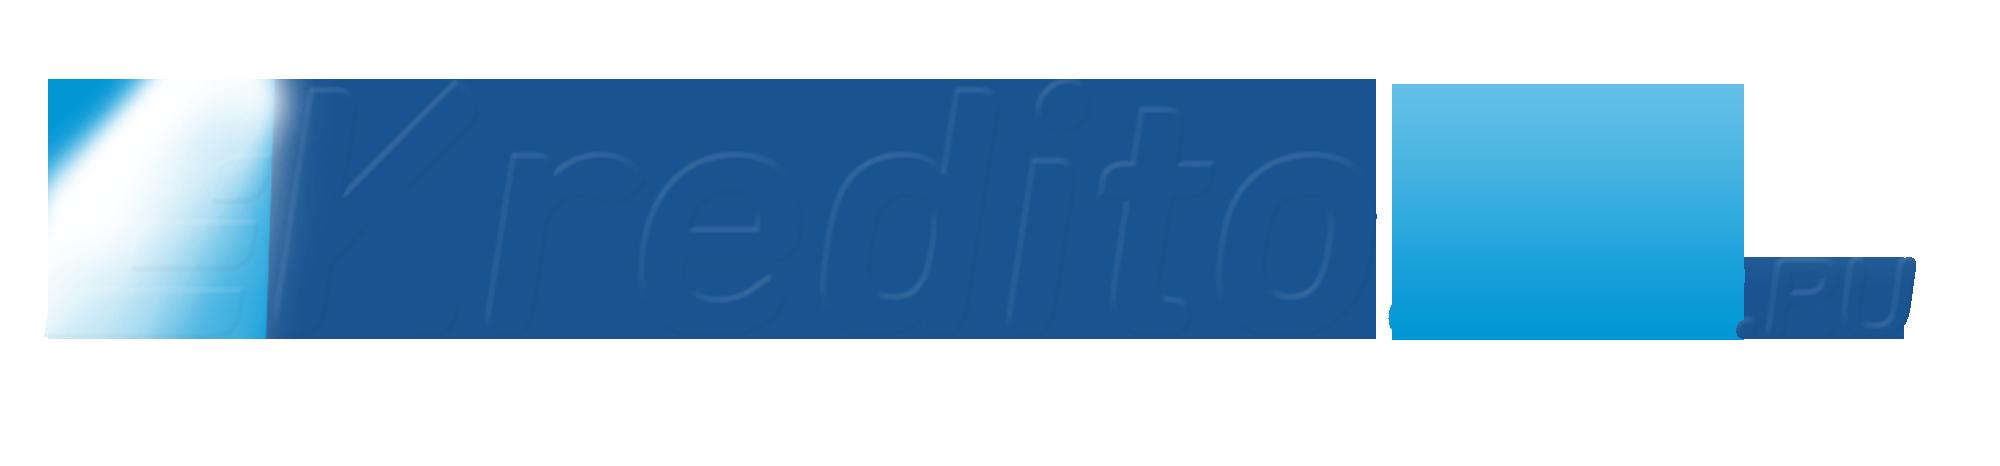 Сервис онлайн-кредитования Займо перешел на новый домен Kredito24. Ru